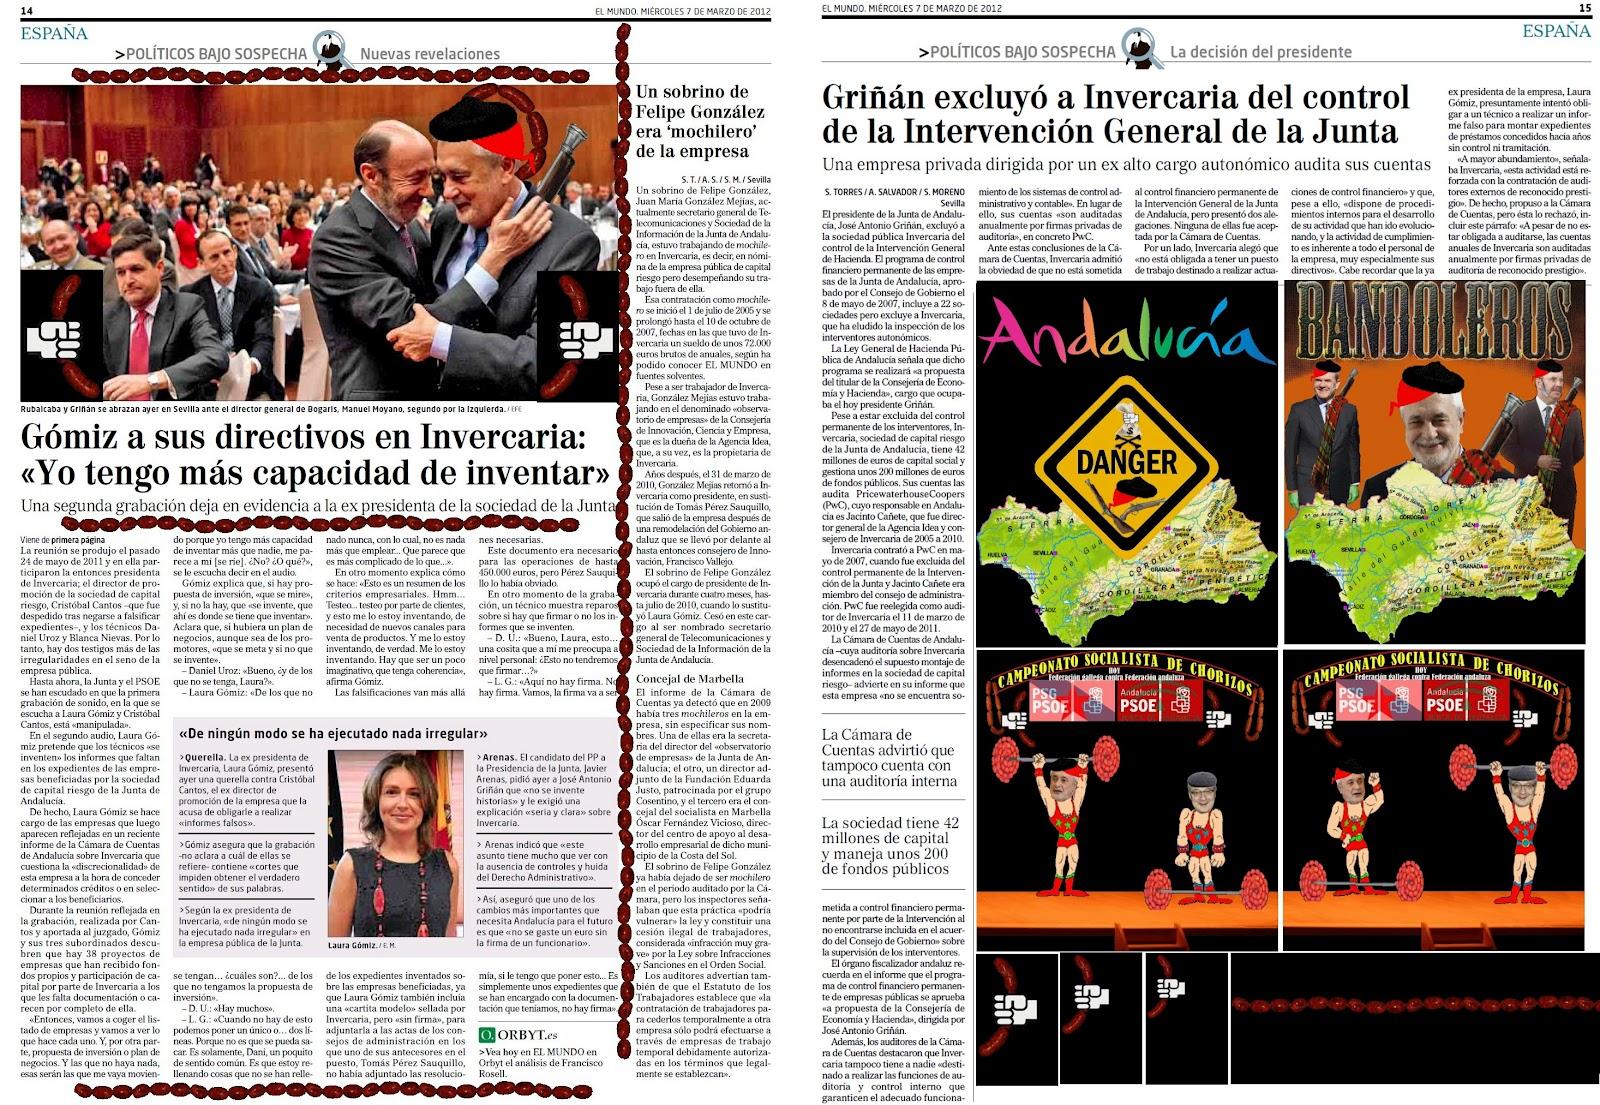 Campeonato socialista de chorizos: Hoy compiten la Federación andaluza representada por Pepe Griñán contra la Federación gallega representada por Pepiño Blanco